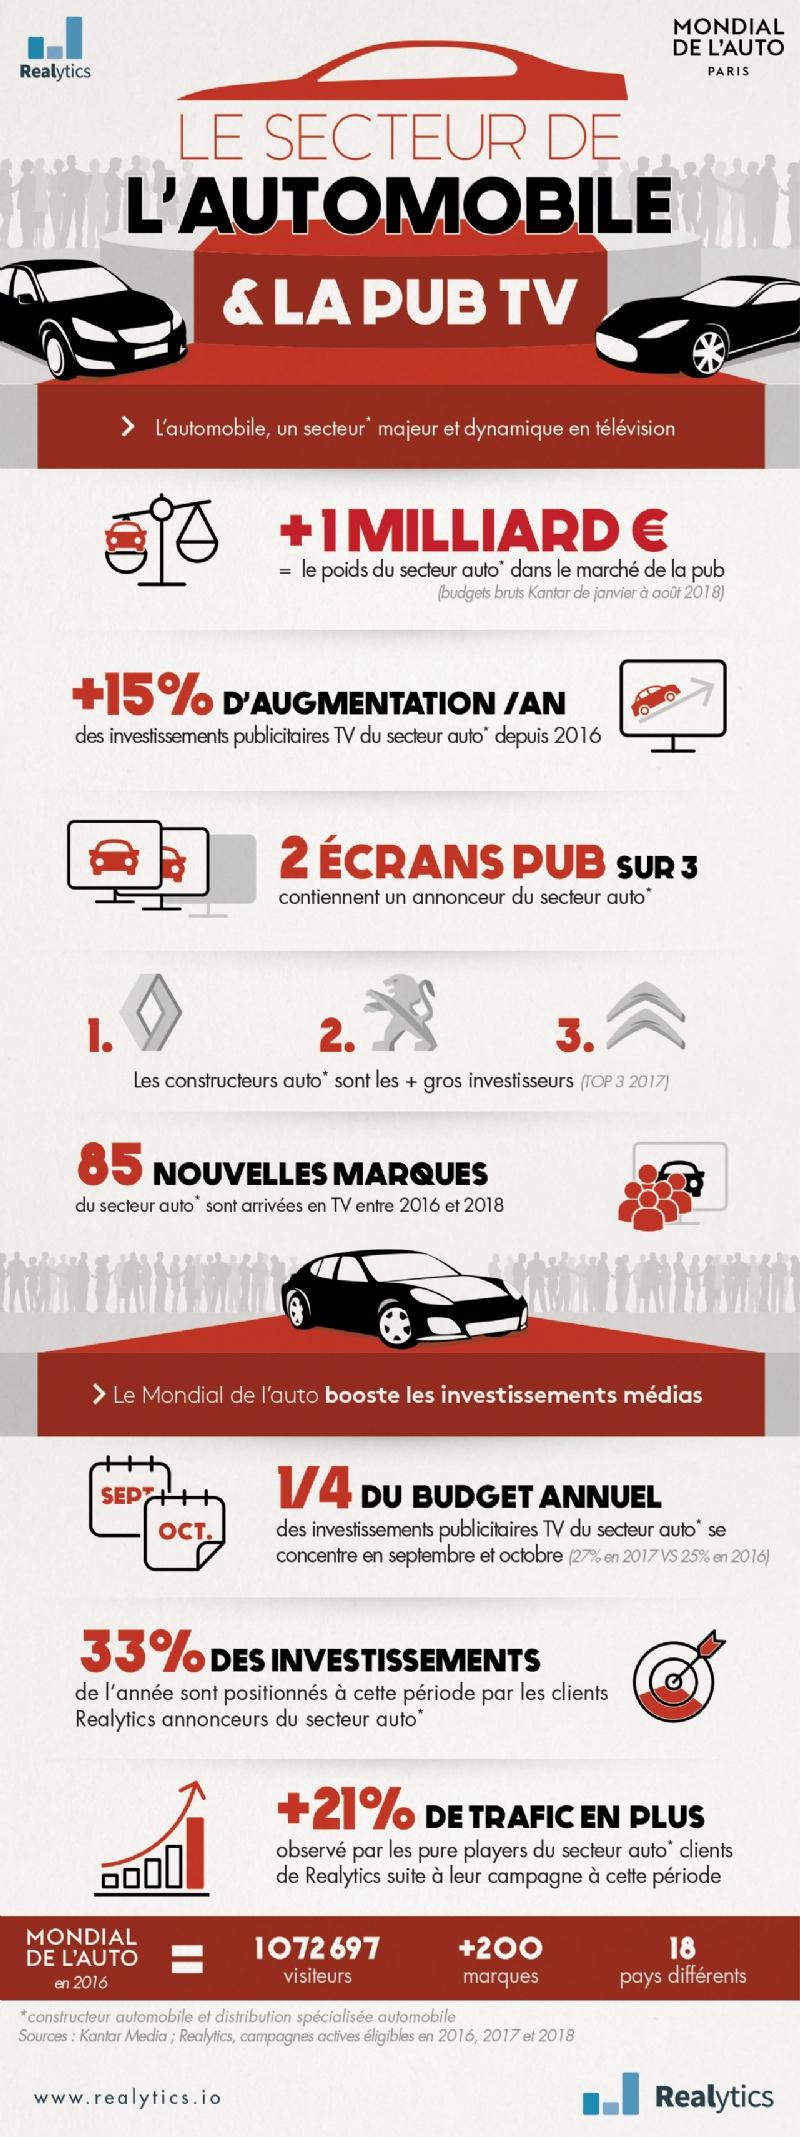 infographie Mondial de l'Auto